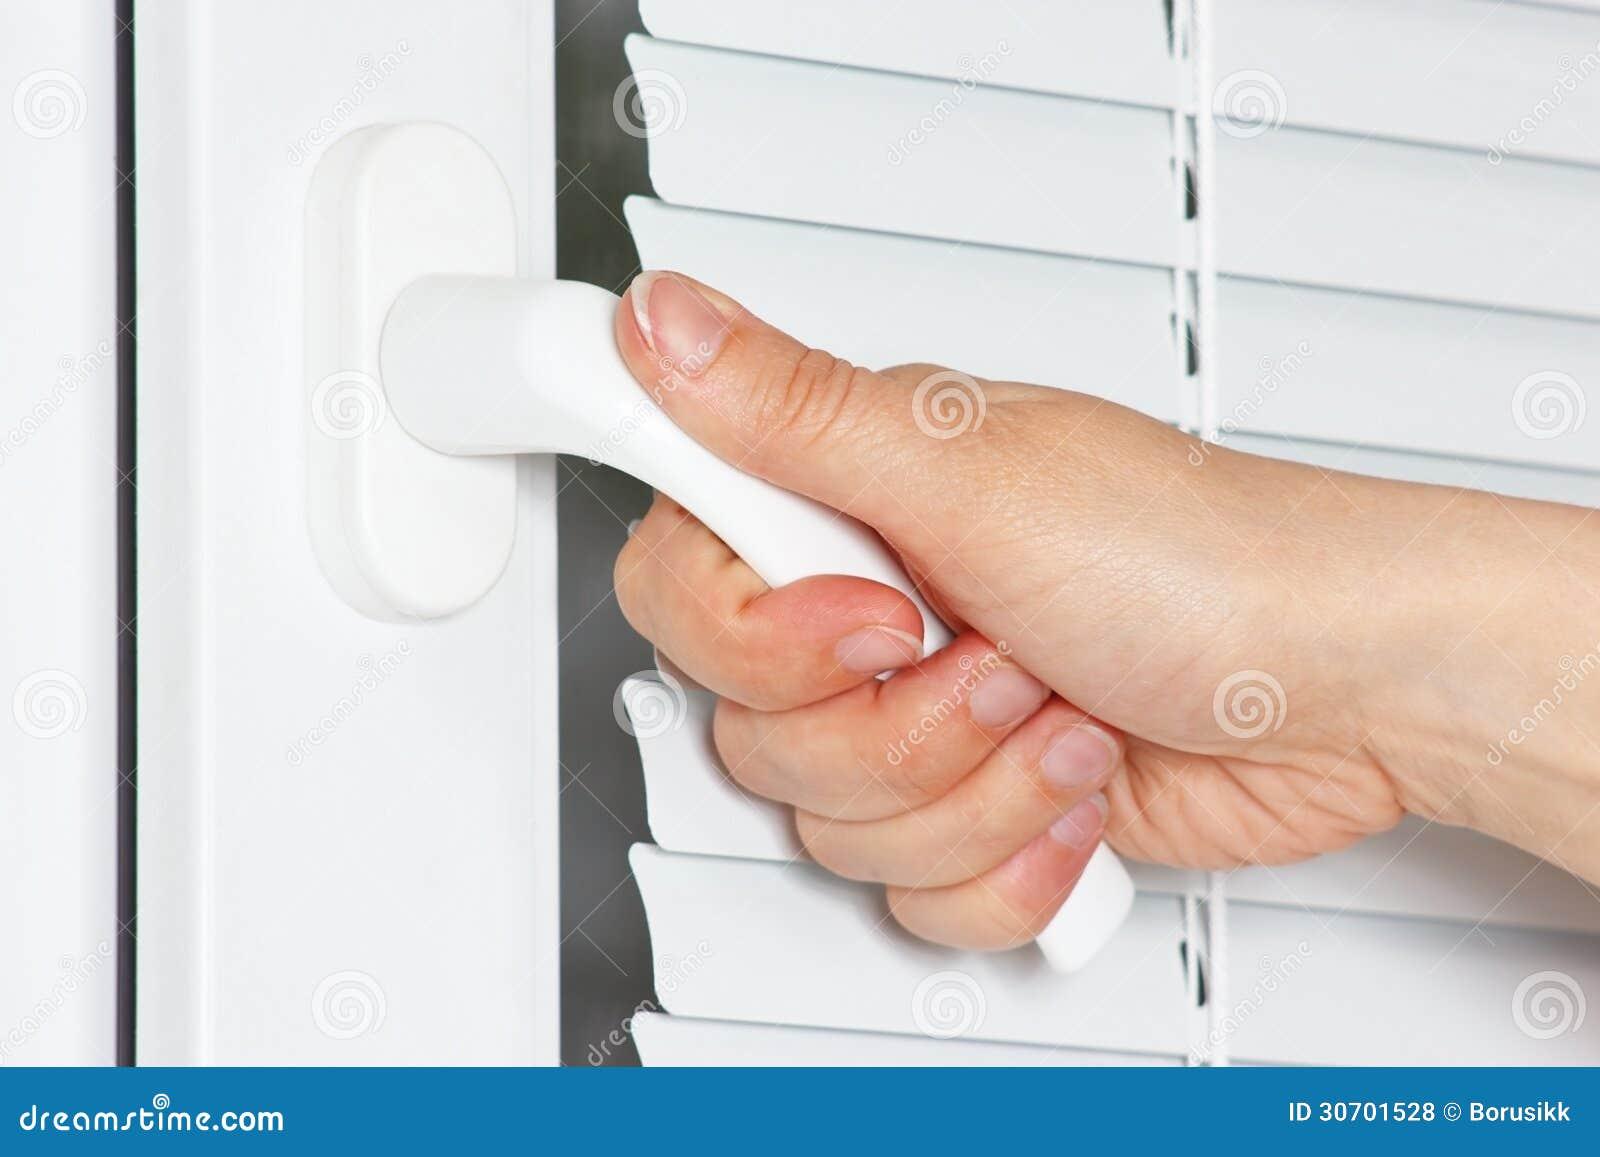 La main ouvre la fen tre en plastique blanche avec la jalousie for Les charlots ouvre la fenetre